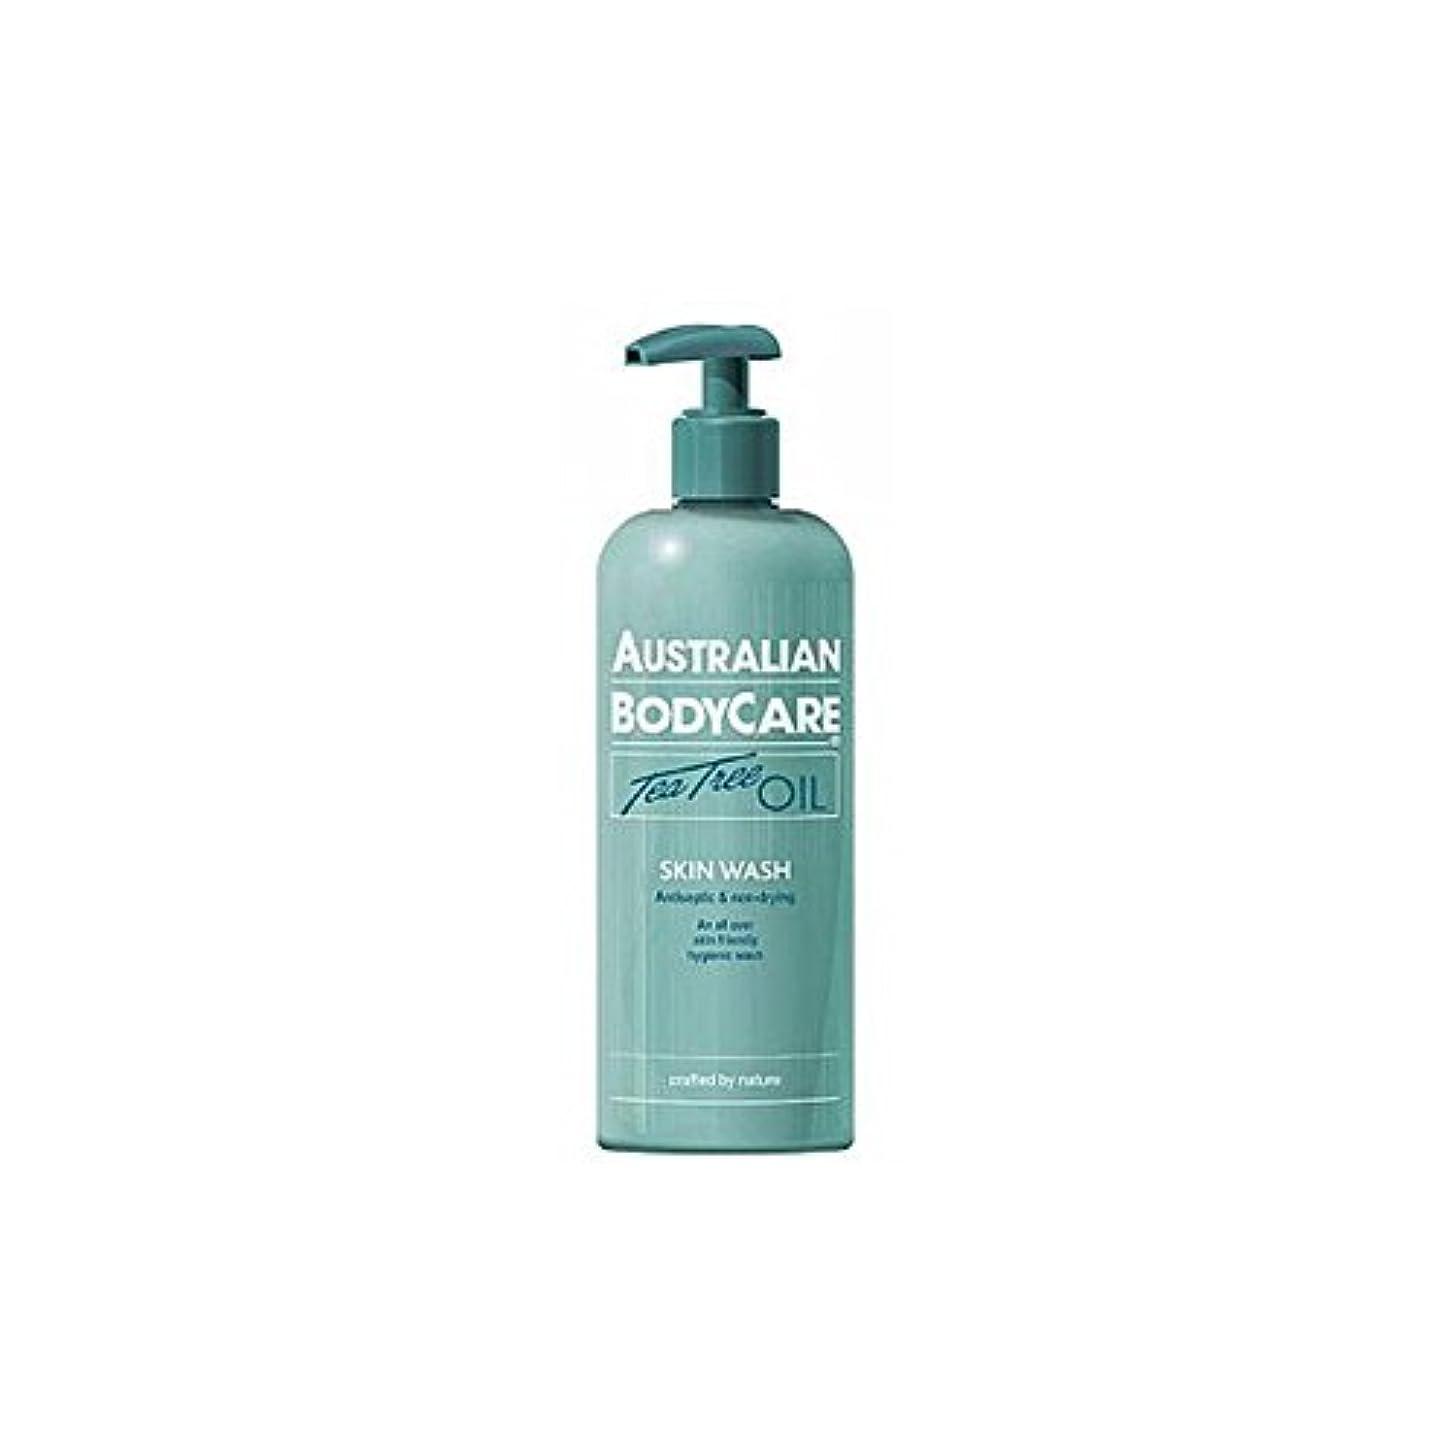 カーフサーバント応じるオーストラリアのボディケアスキンウォッシュ(500ミリリットル) x4 - Australian Bodycare Skin Wash (500ml) (Pack of 4) [並行輸入品]